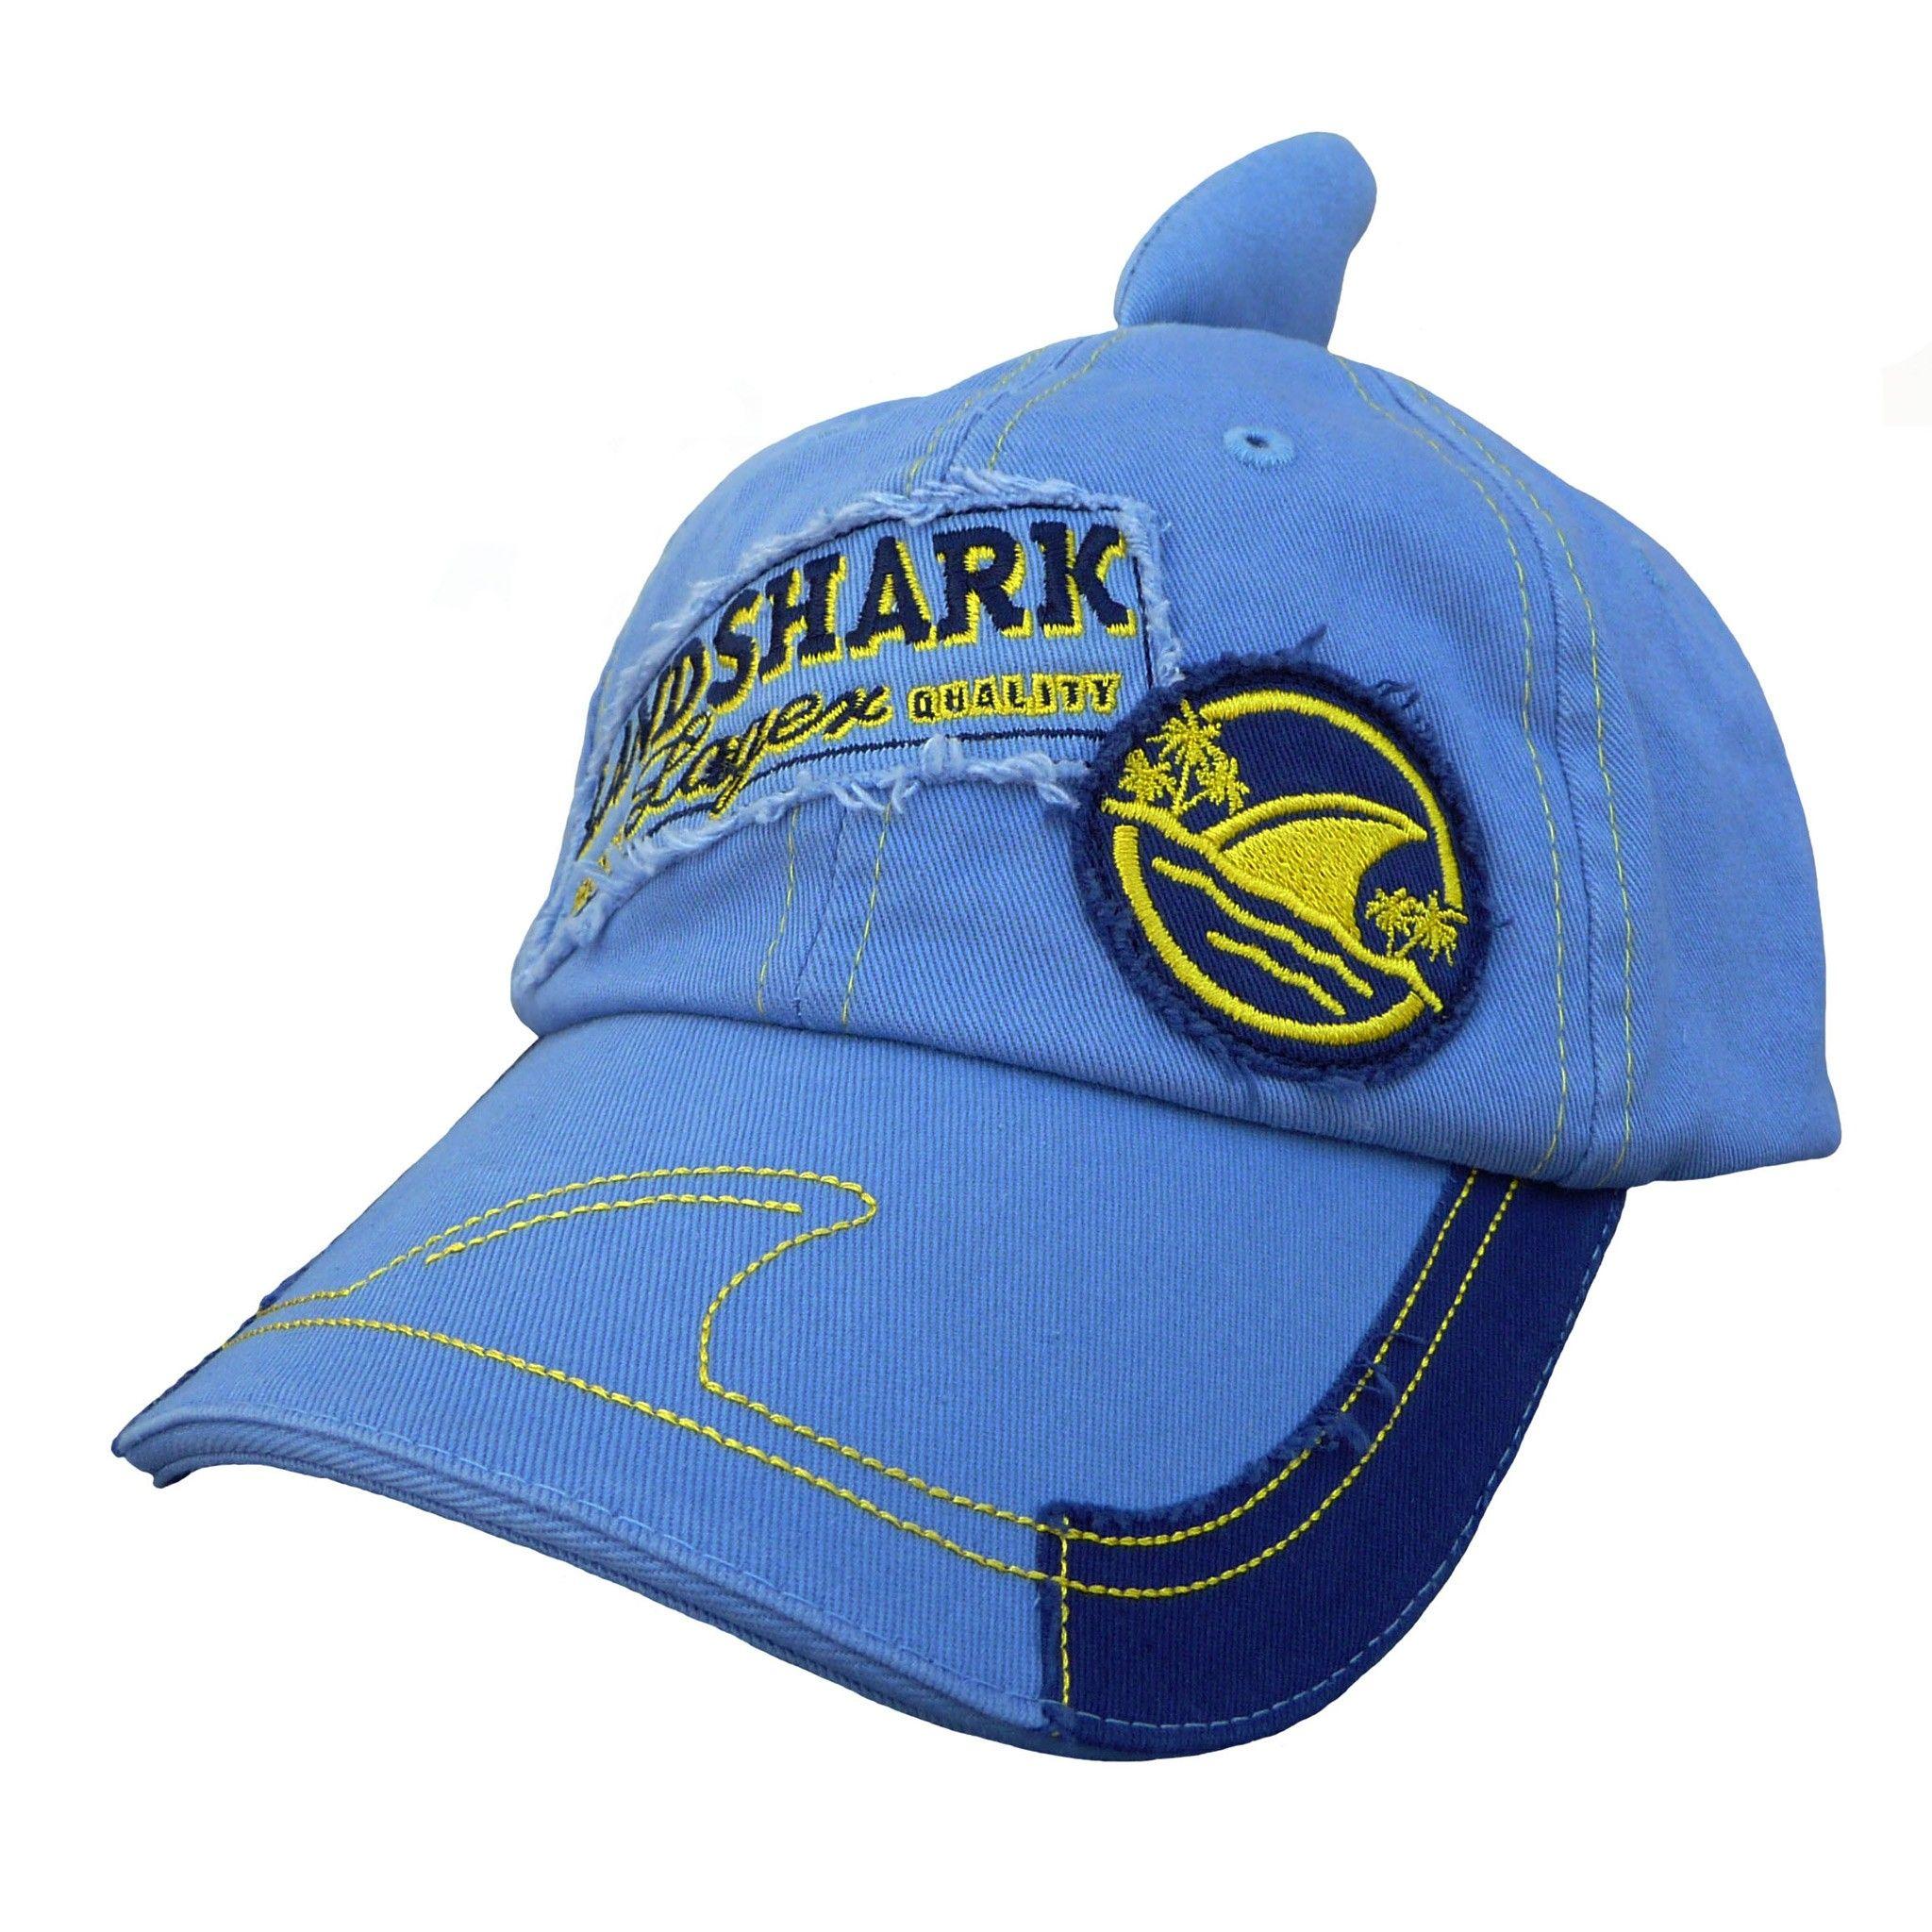 // Landshark Fin Cap Shark week, Cap, Baseball hats